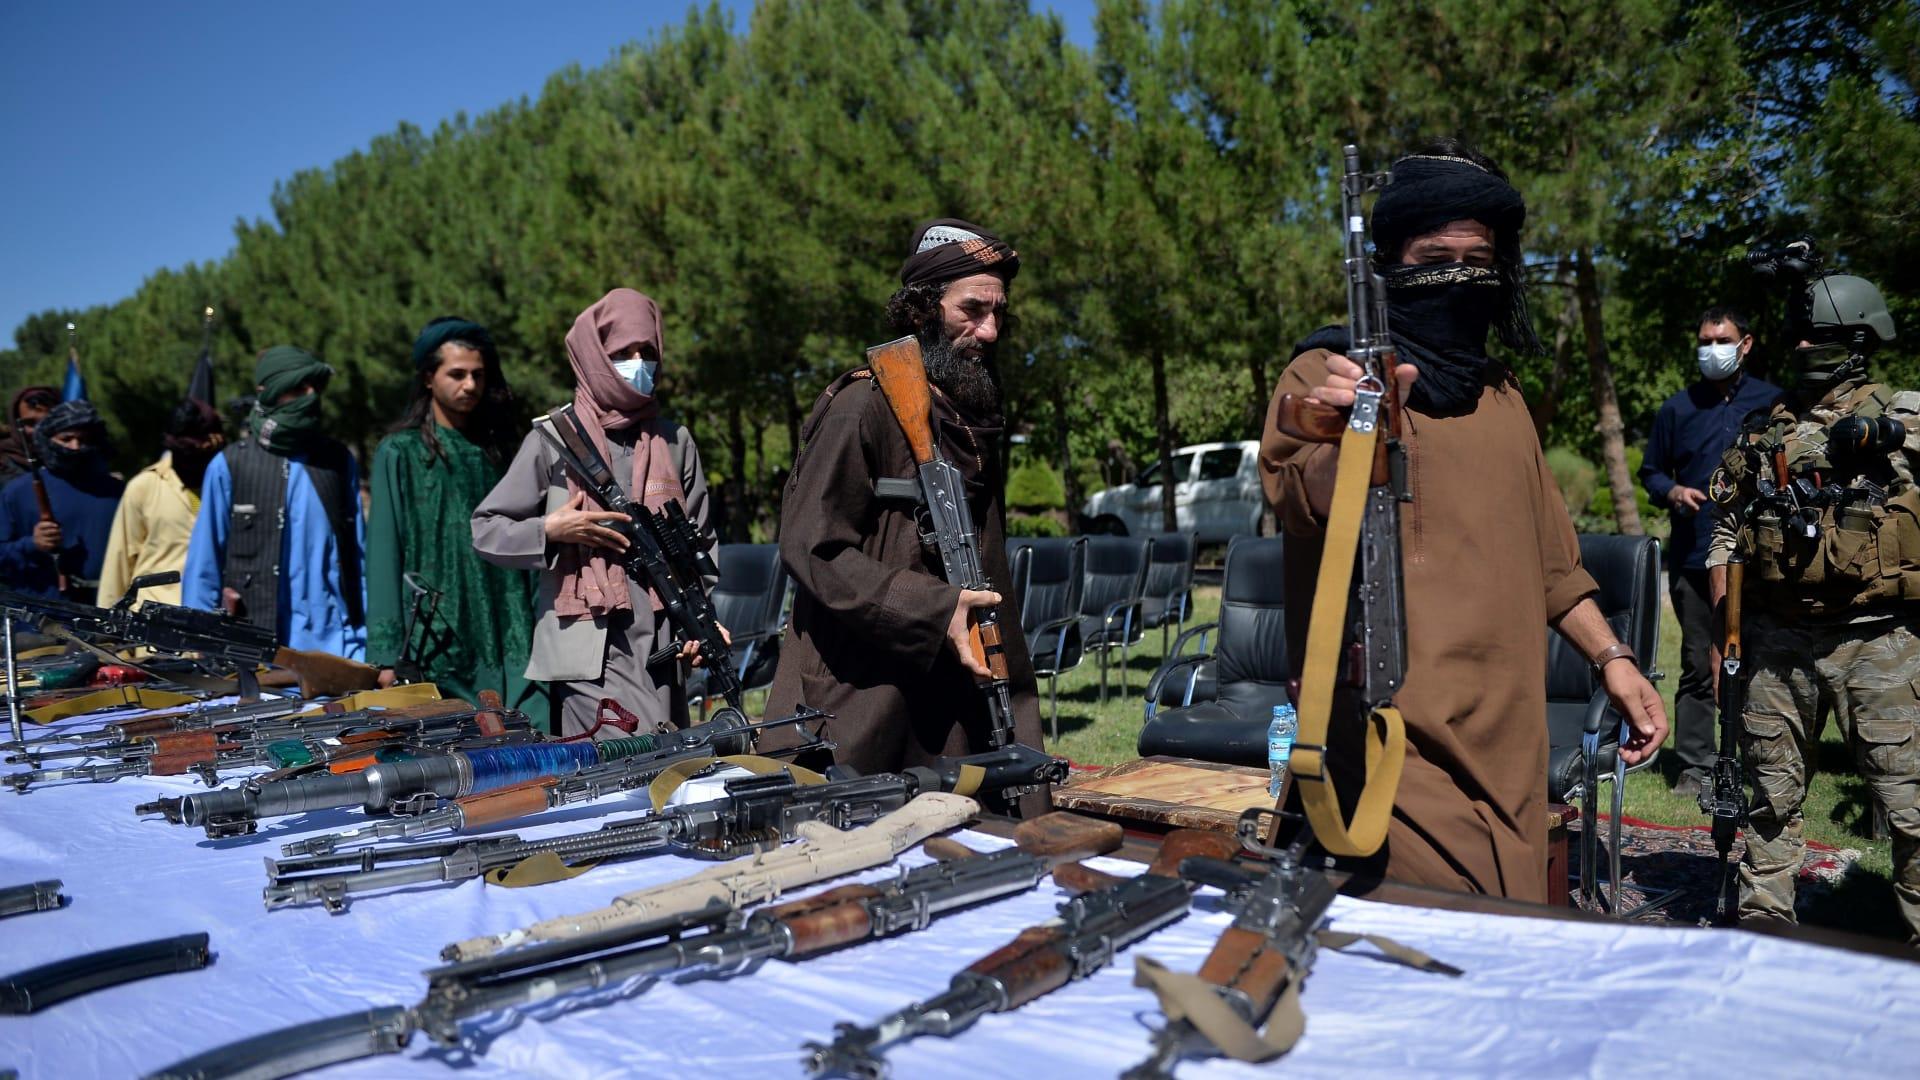 مقاتلو طالبان ألقوا أسلحتهم أثناء استسلامهم للانضمام إلى الحكومة الأفغانية خلال حفل أقيم في هرات في 24 يونيو 2021